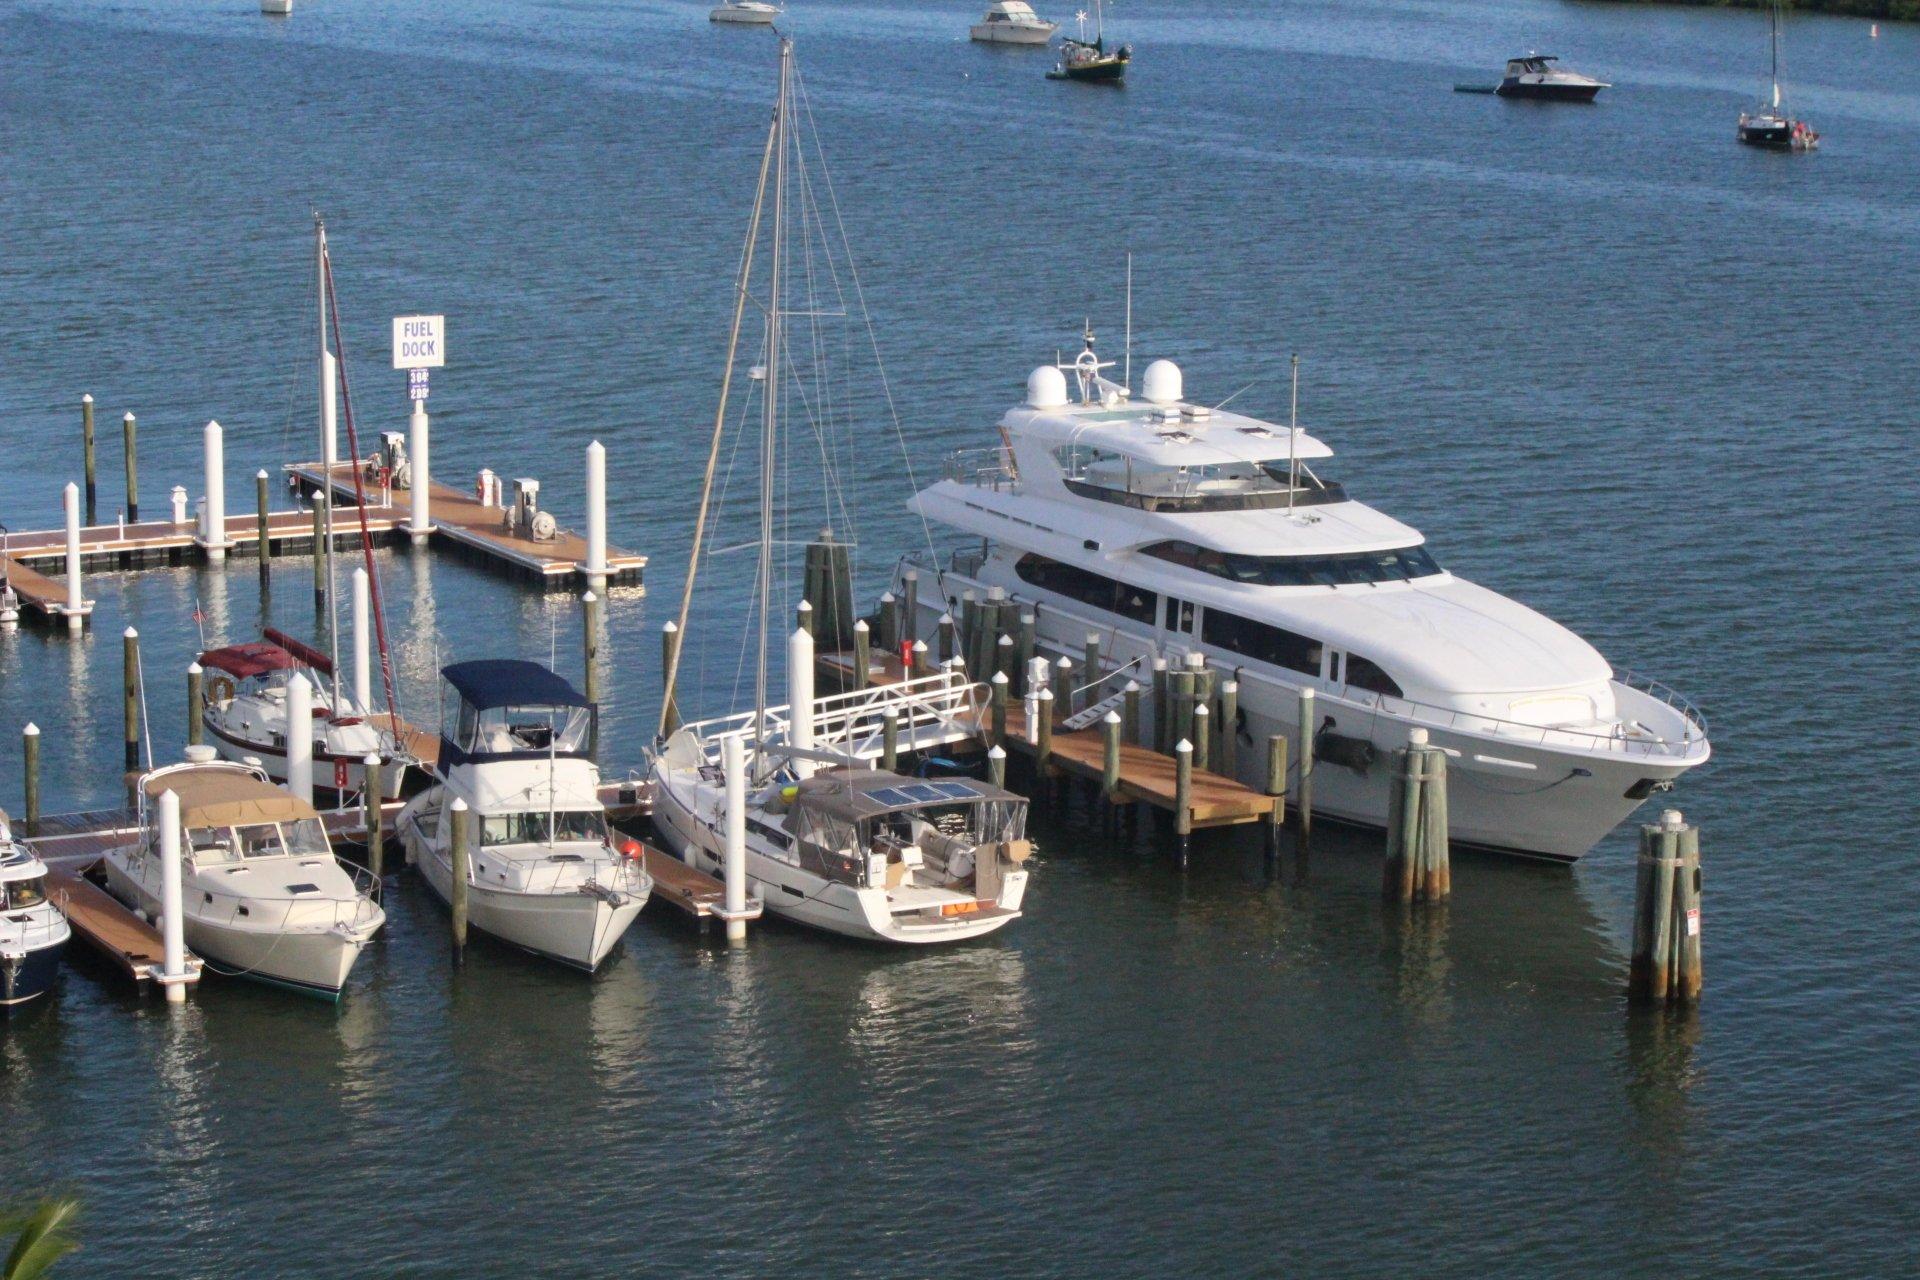 Moss Marina Full Service Marina Amp Luxury Boat Rentals